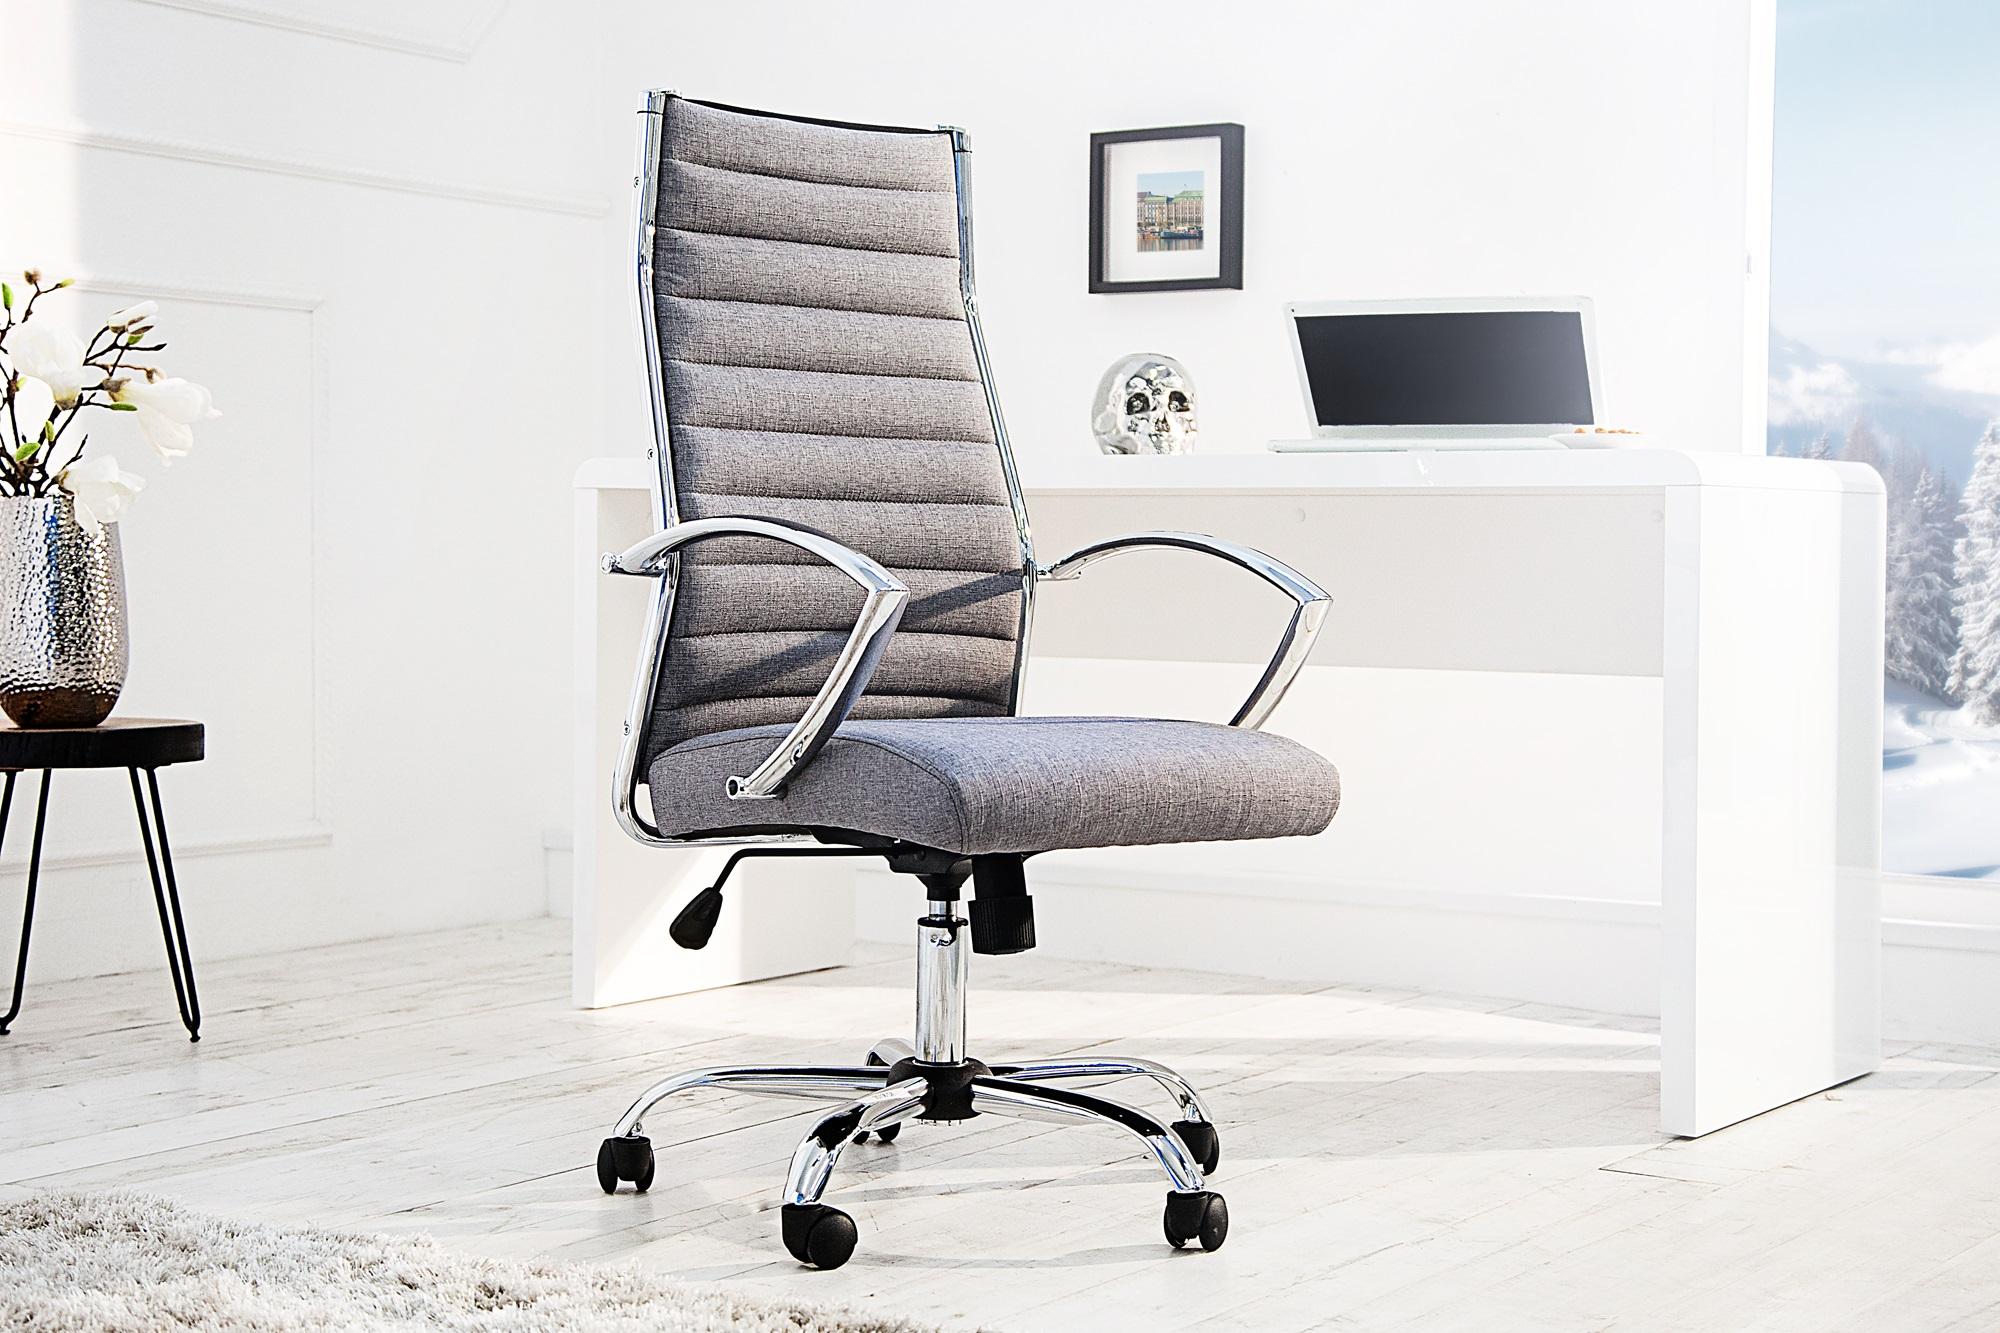 Bureau Stoel Kopen : Moderne bureau stoel kopen aktie wonen